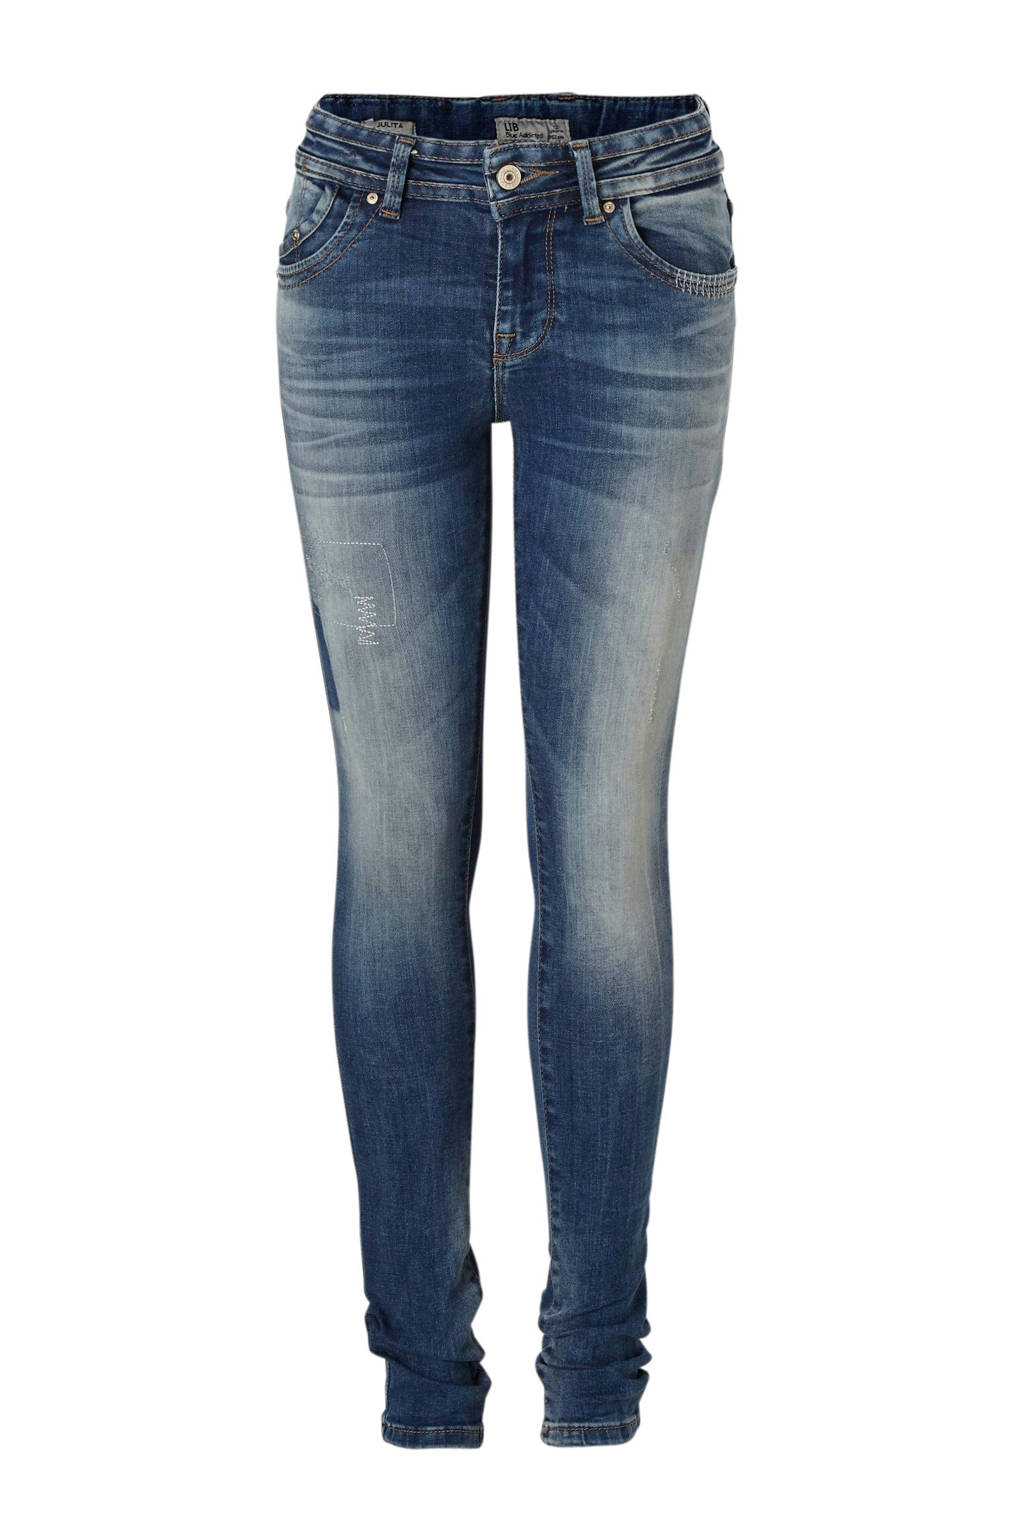 LTB super skinny fit jeans Julita grijs, Blauw (Nell wash)